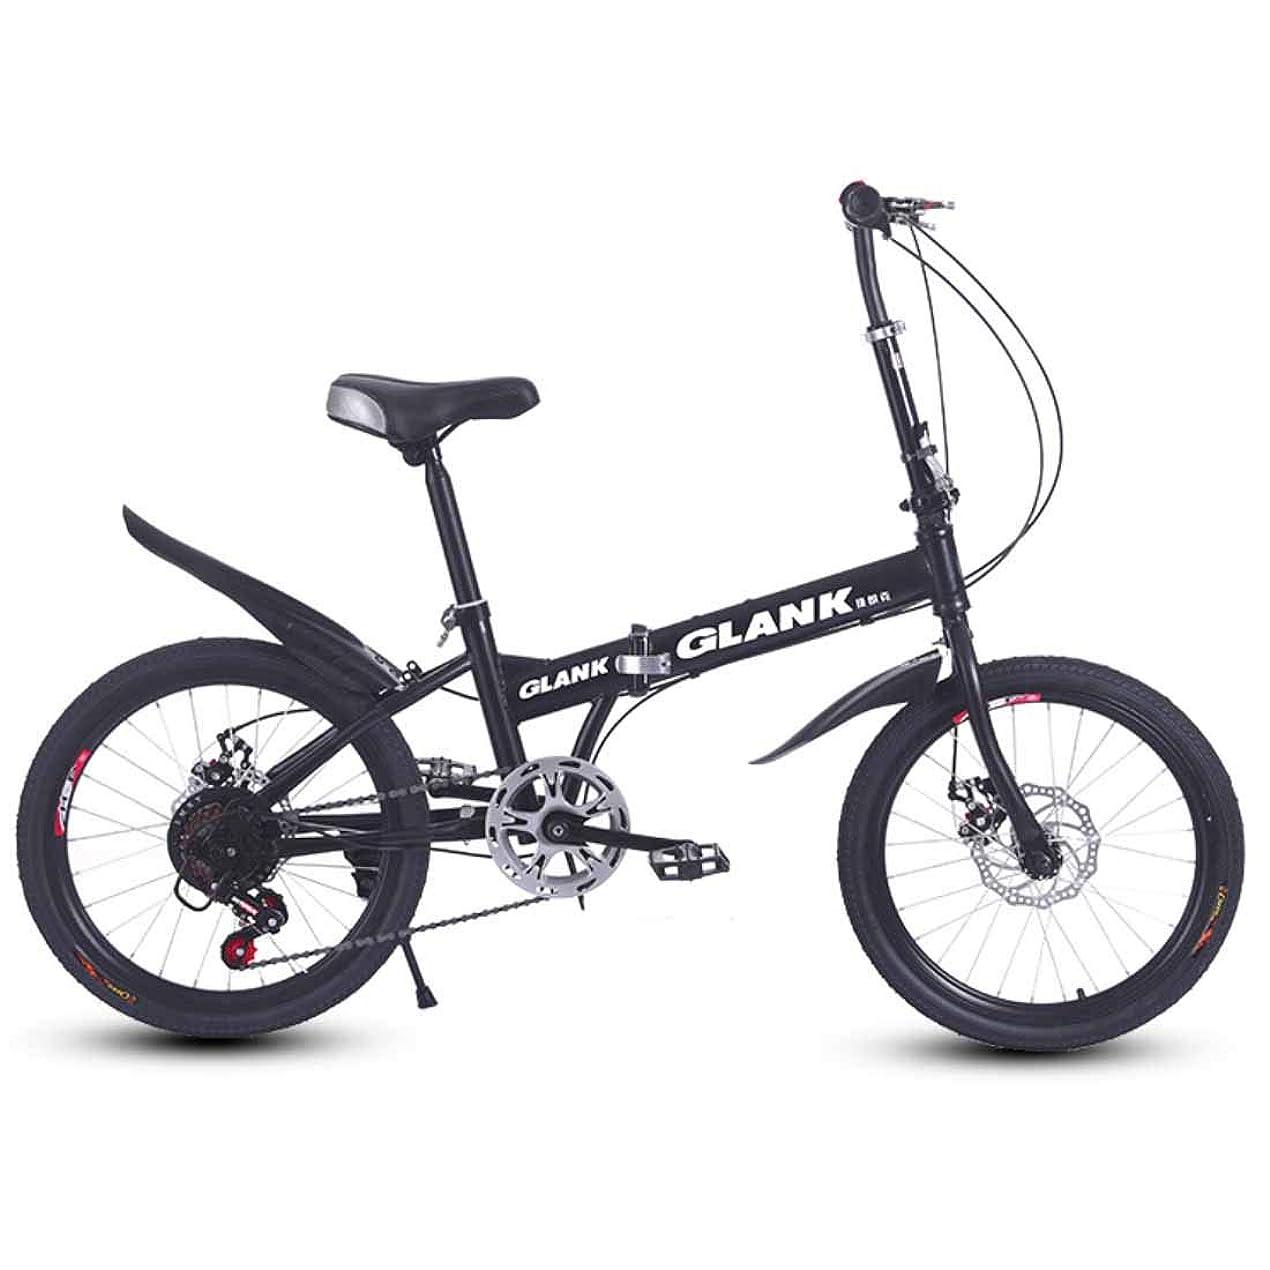 やむを得ない広告傷つきやすい人の女性二重ディスクブレーキシステムのための大人の自転車6インチの折り畳み式の自転車